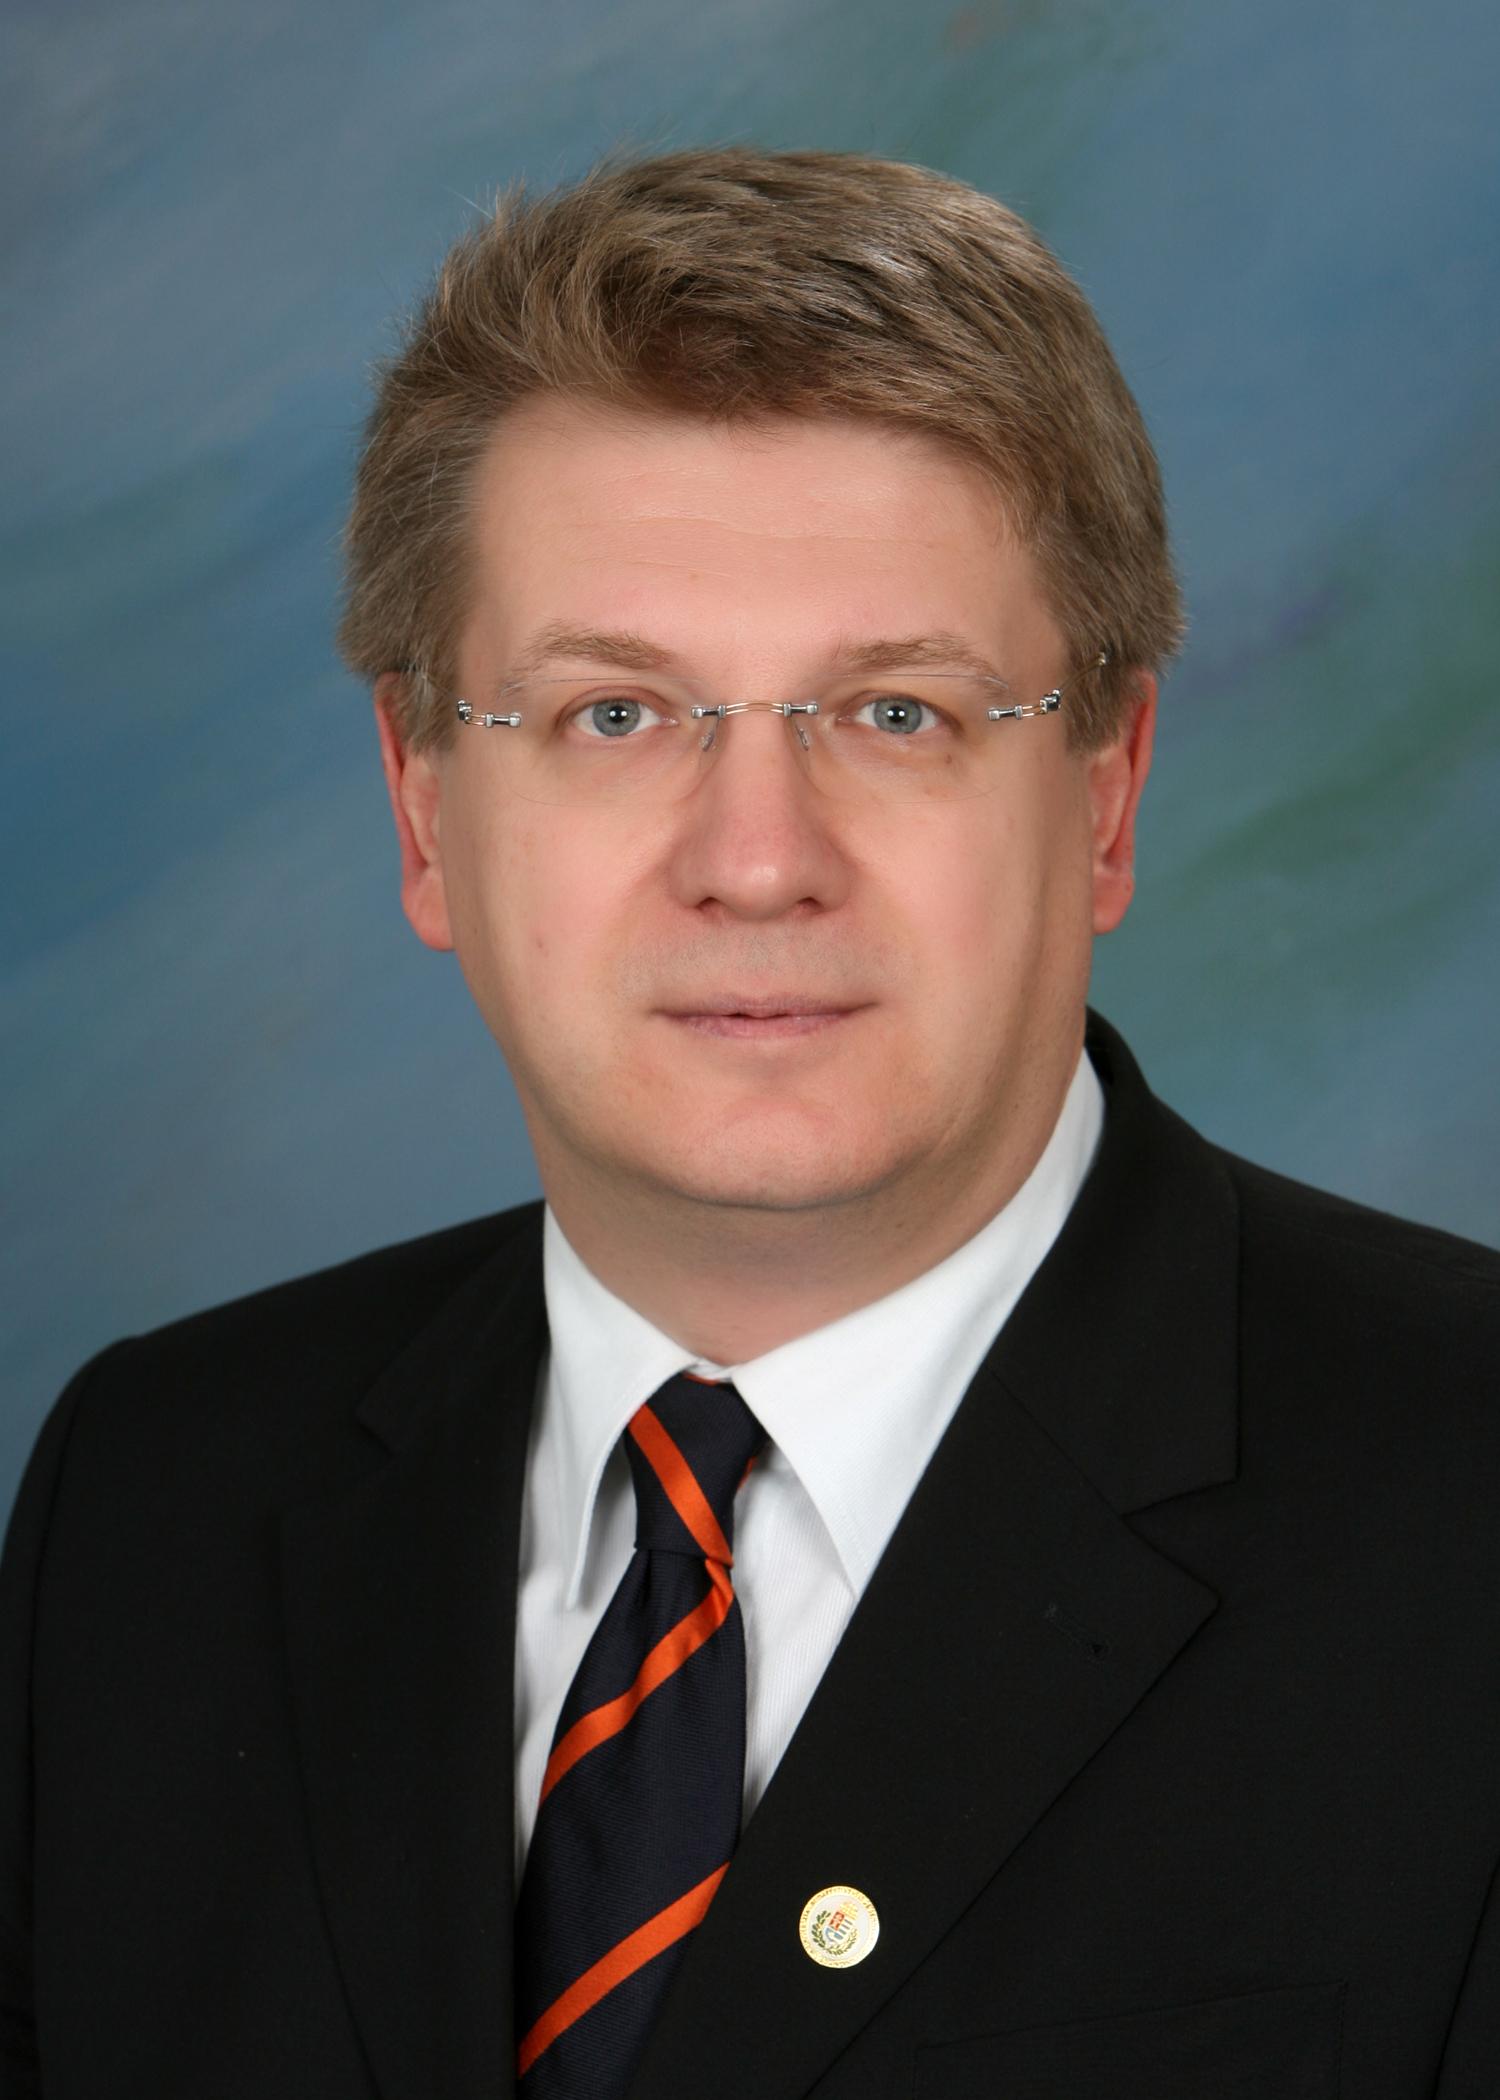 Nagy Zoltán Zsolt